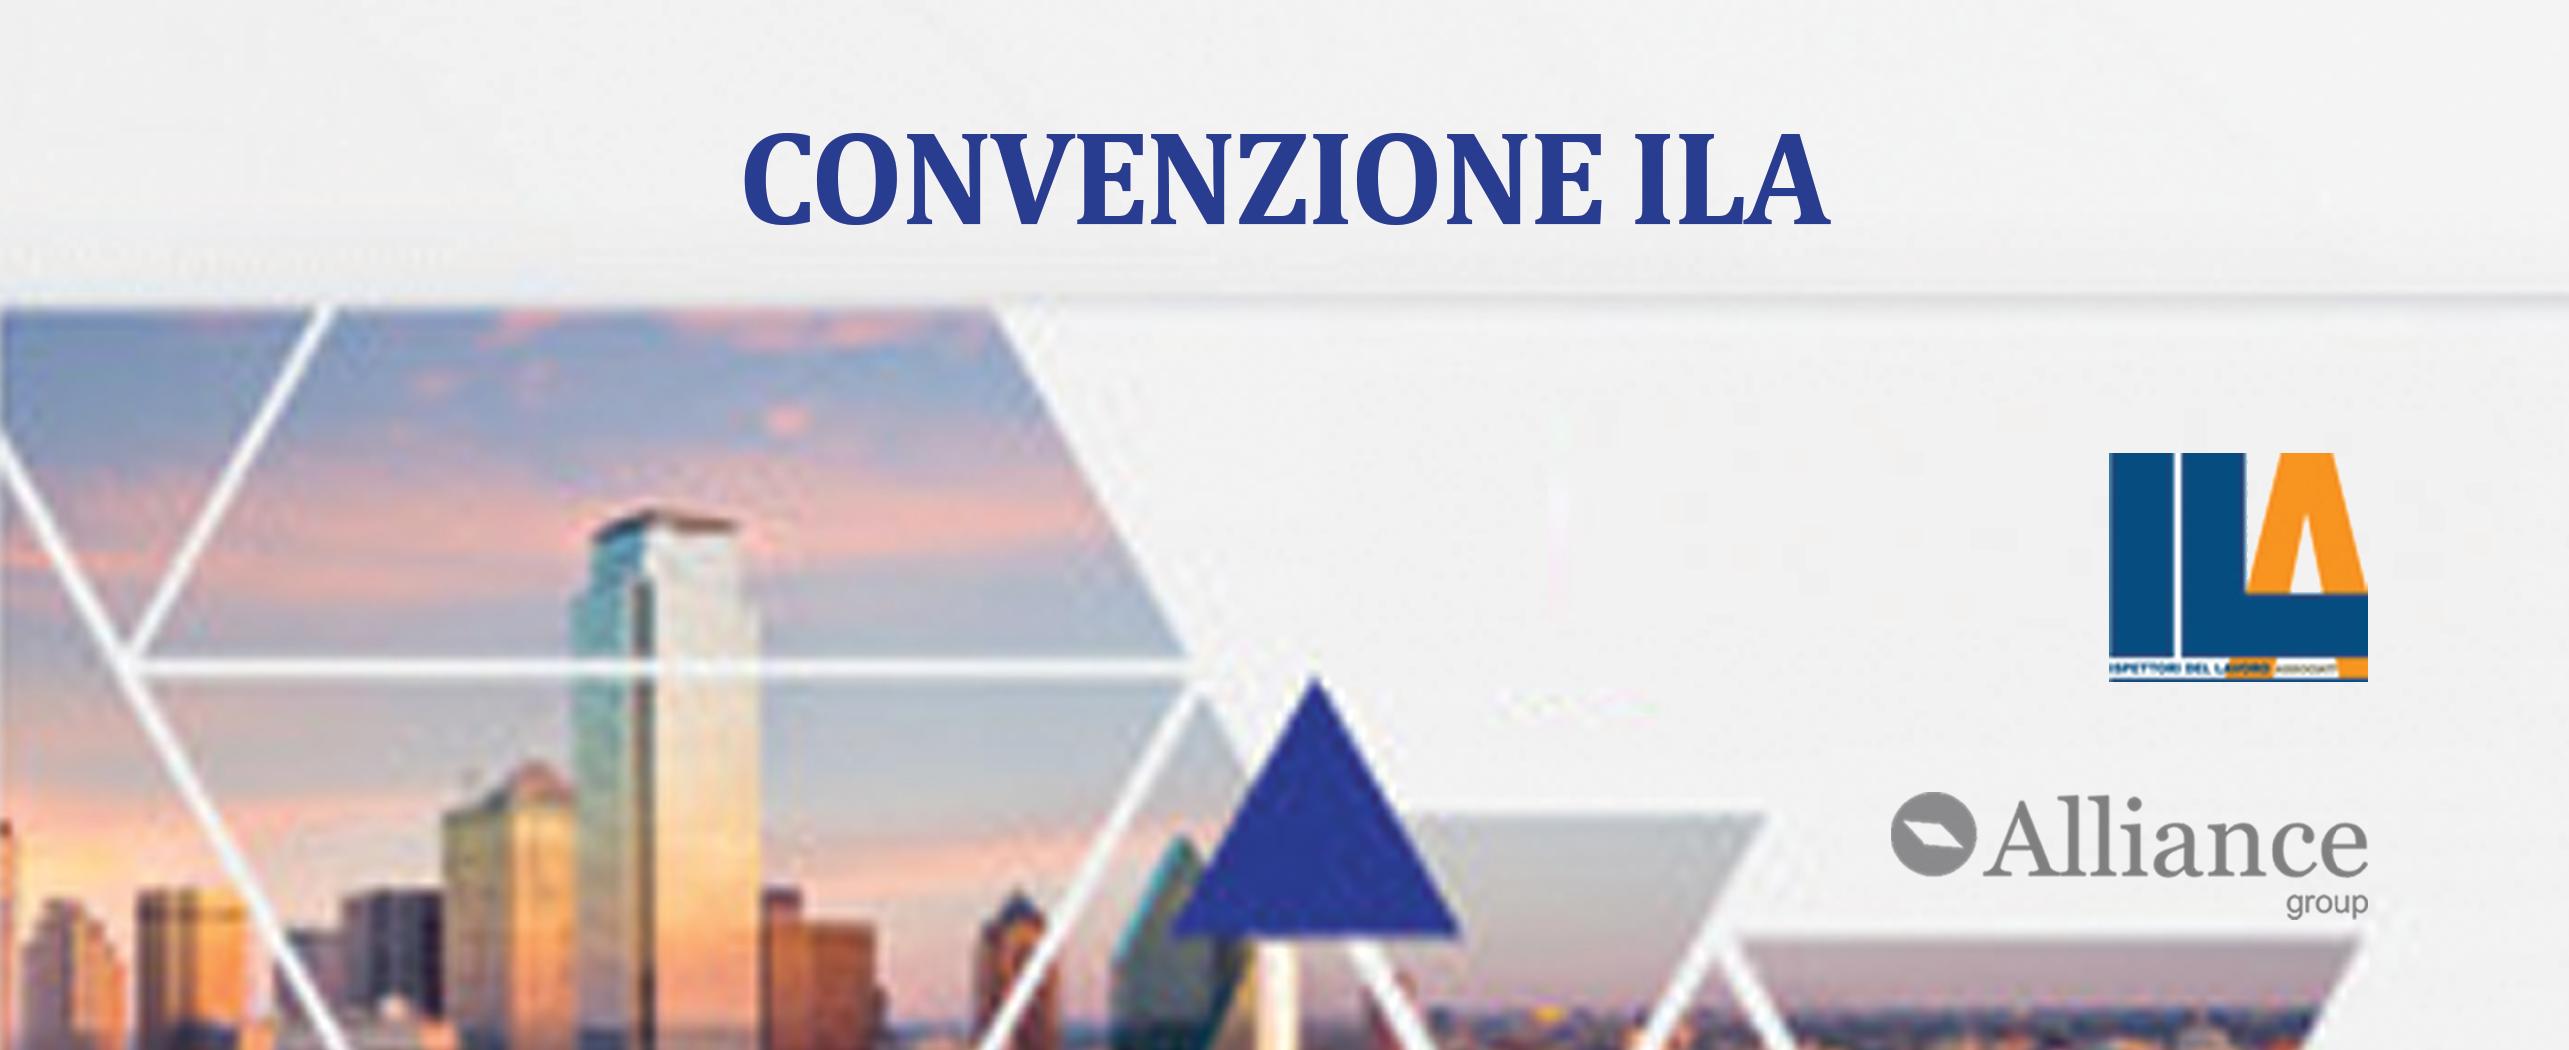 Convenzione ILA